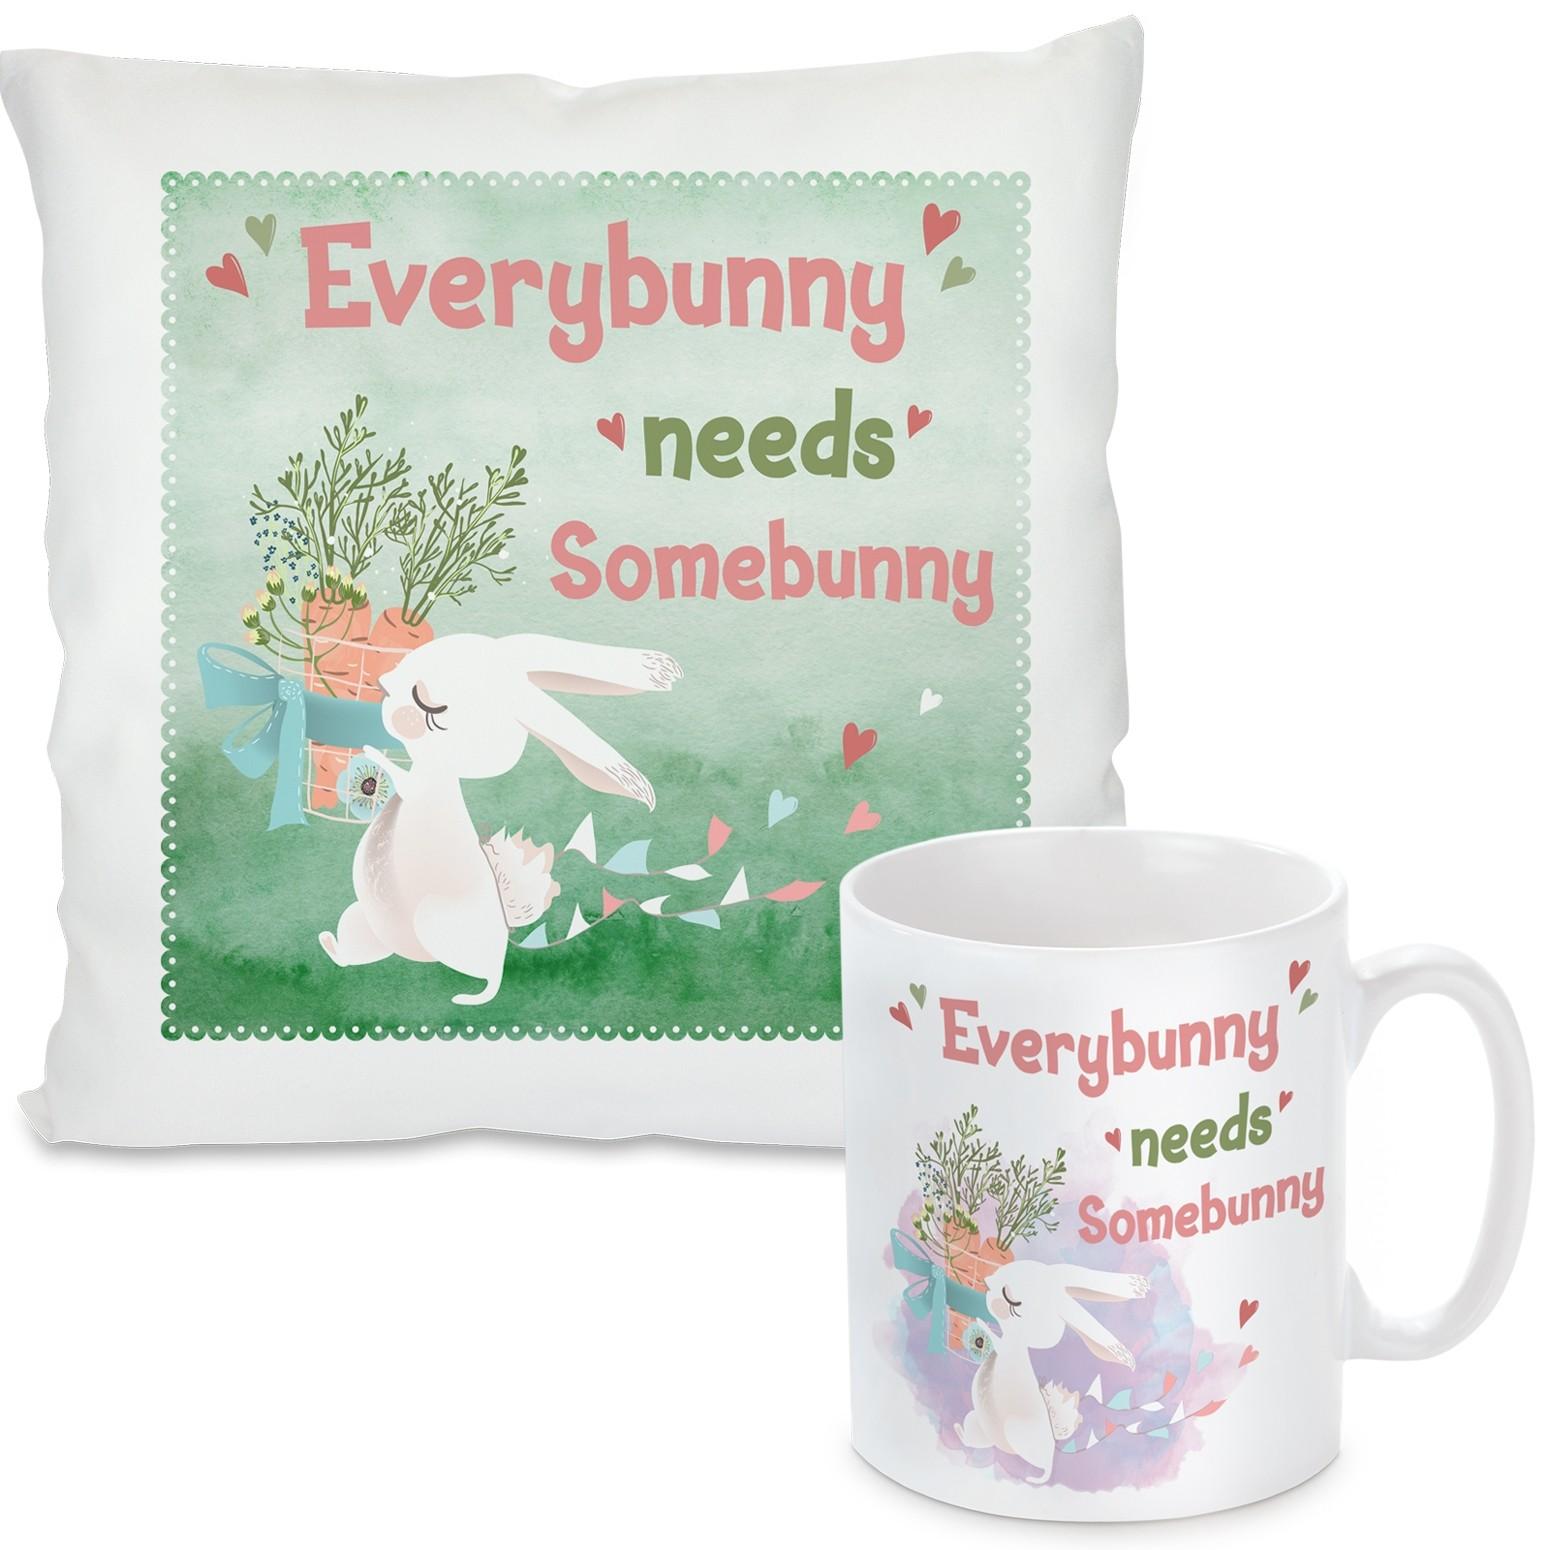 Kissen oder Tasse: Everybunny needs Somebunny